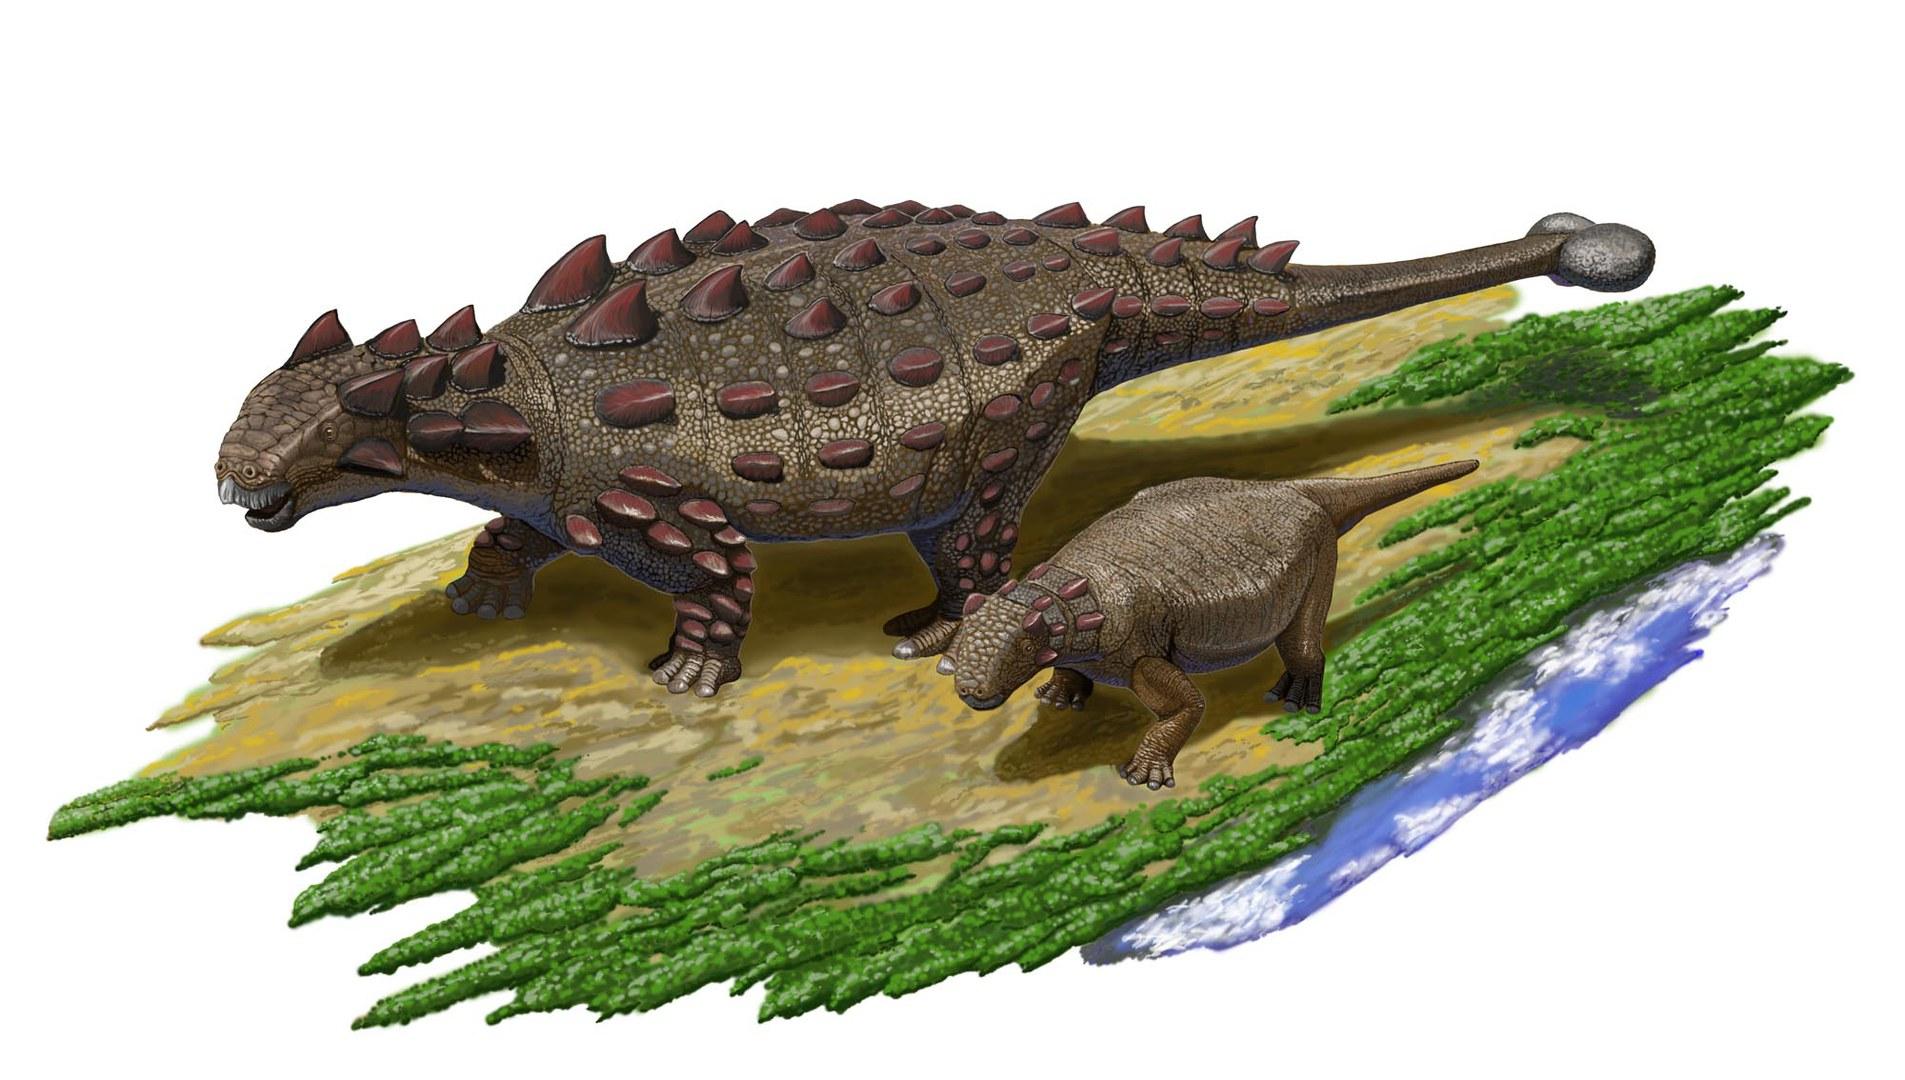 Die Rüstung erwachsener Ankylosaurier